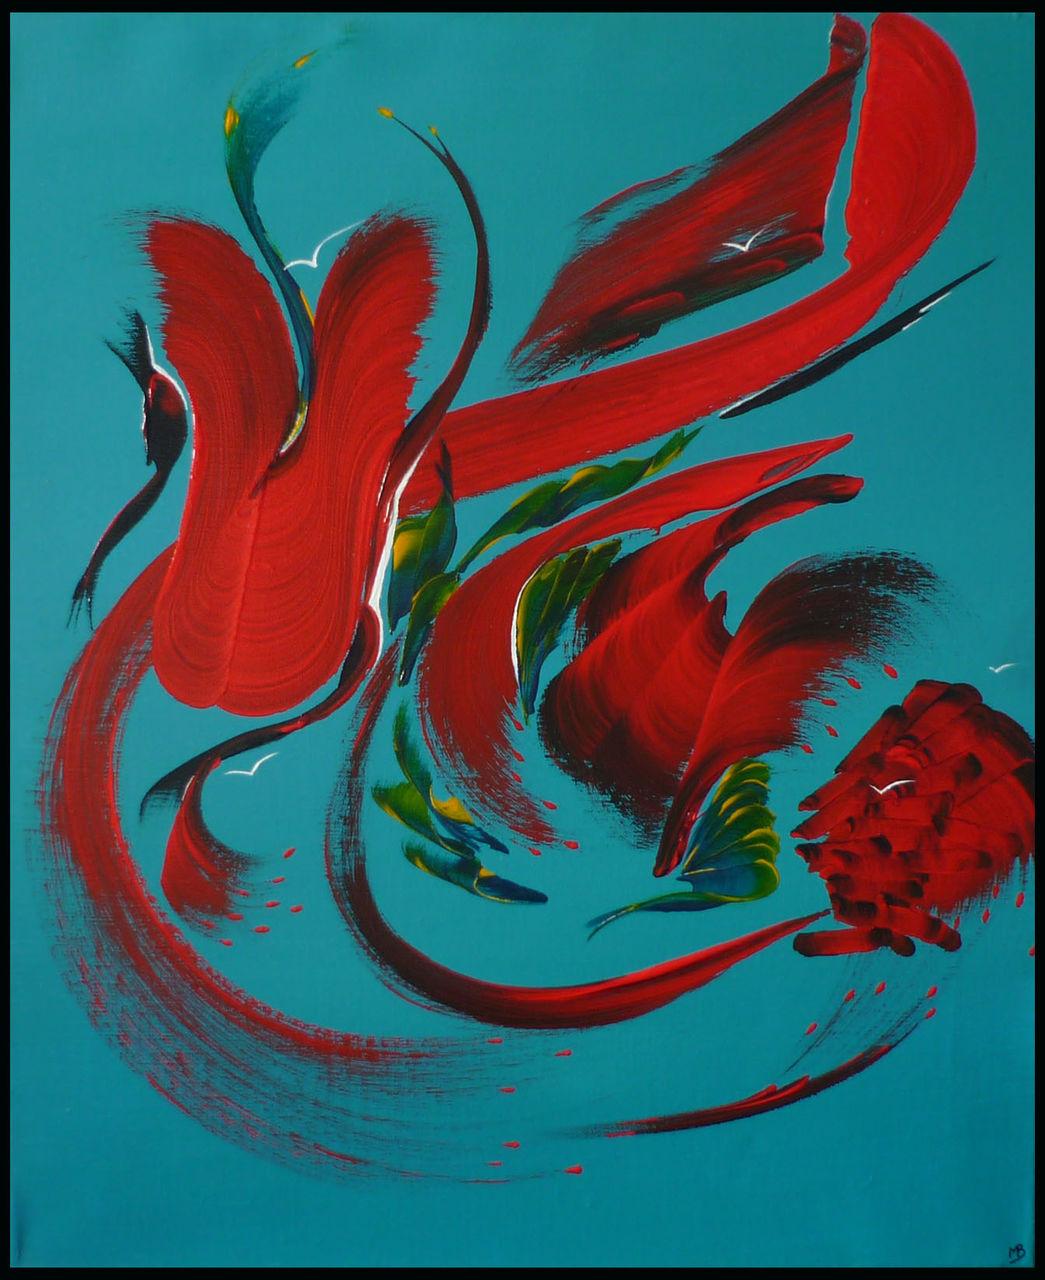 MA PEINTURE SUR TOILE secrets de l'île aux oiseaux | Peinture abstraite | MA PEINTURE SUR TOILE